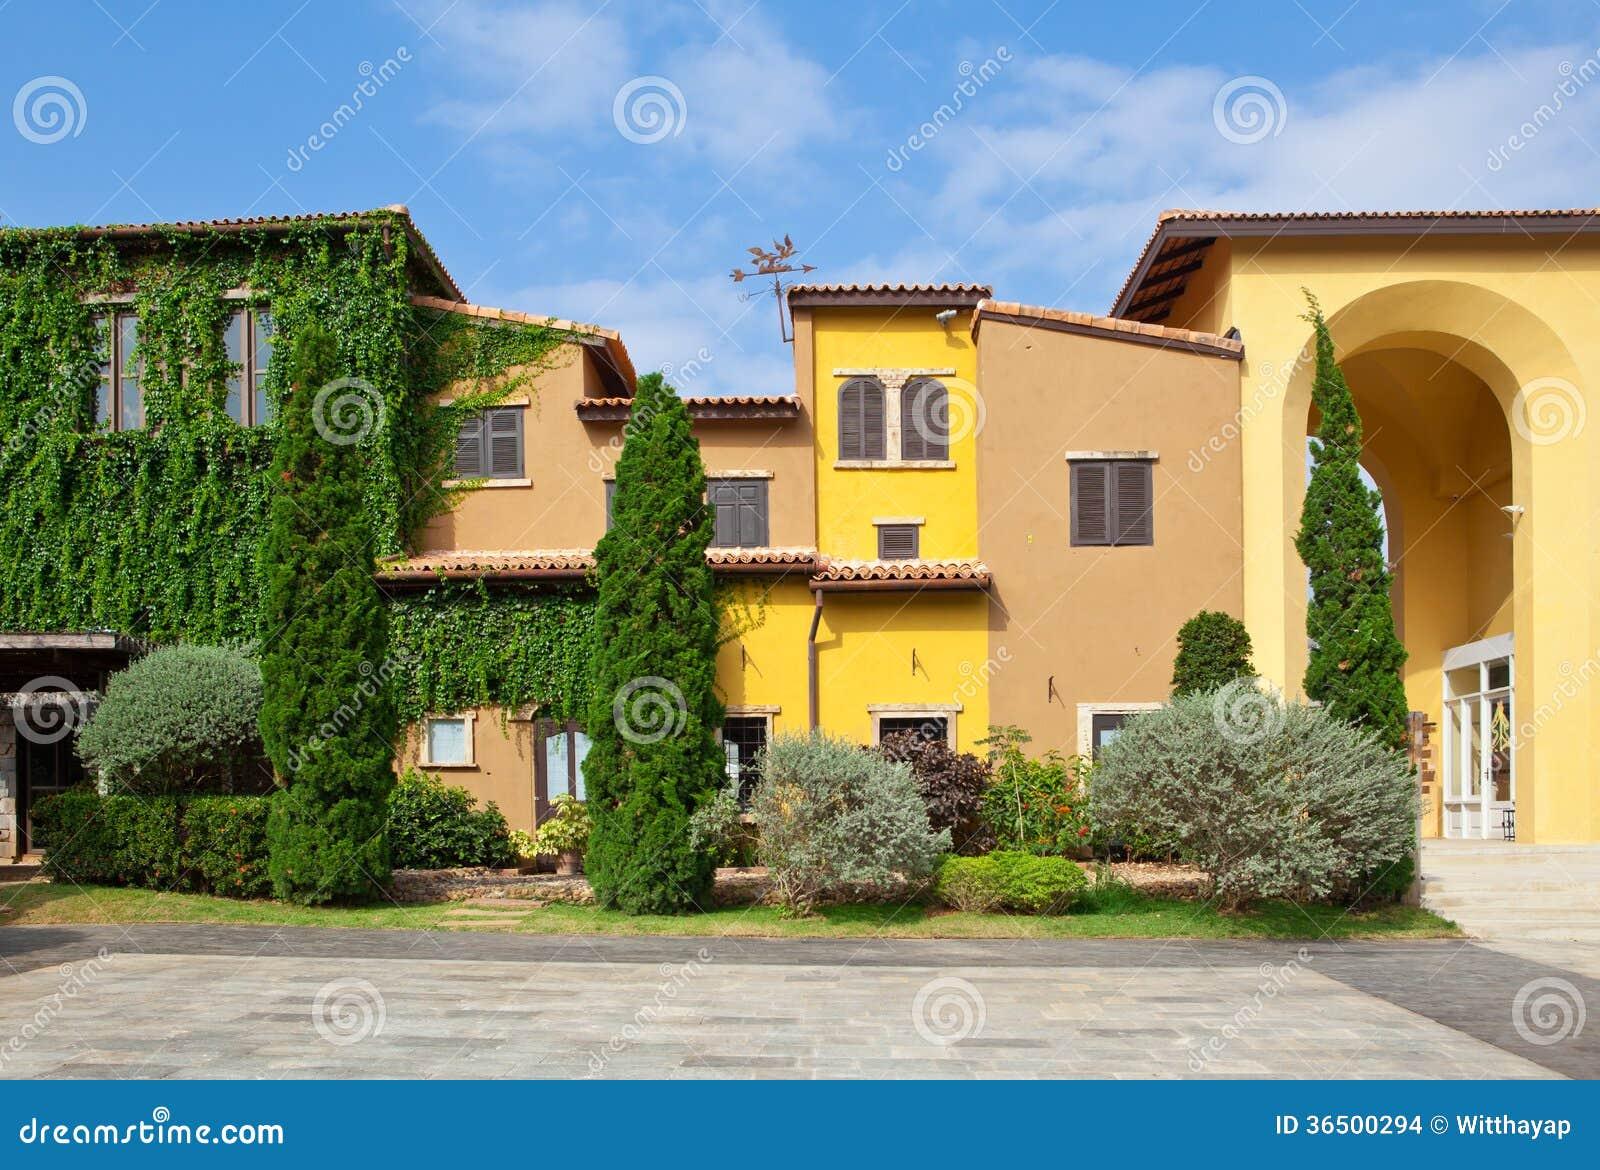 Style de maison de l 39 italie images stock image 36500294 for Maison italienne architecture